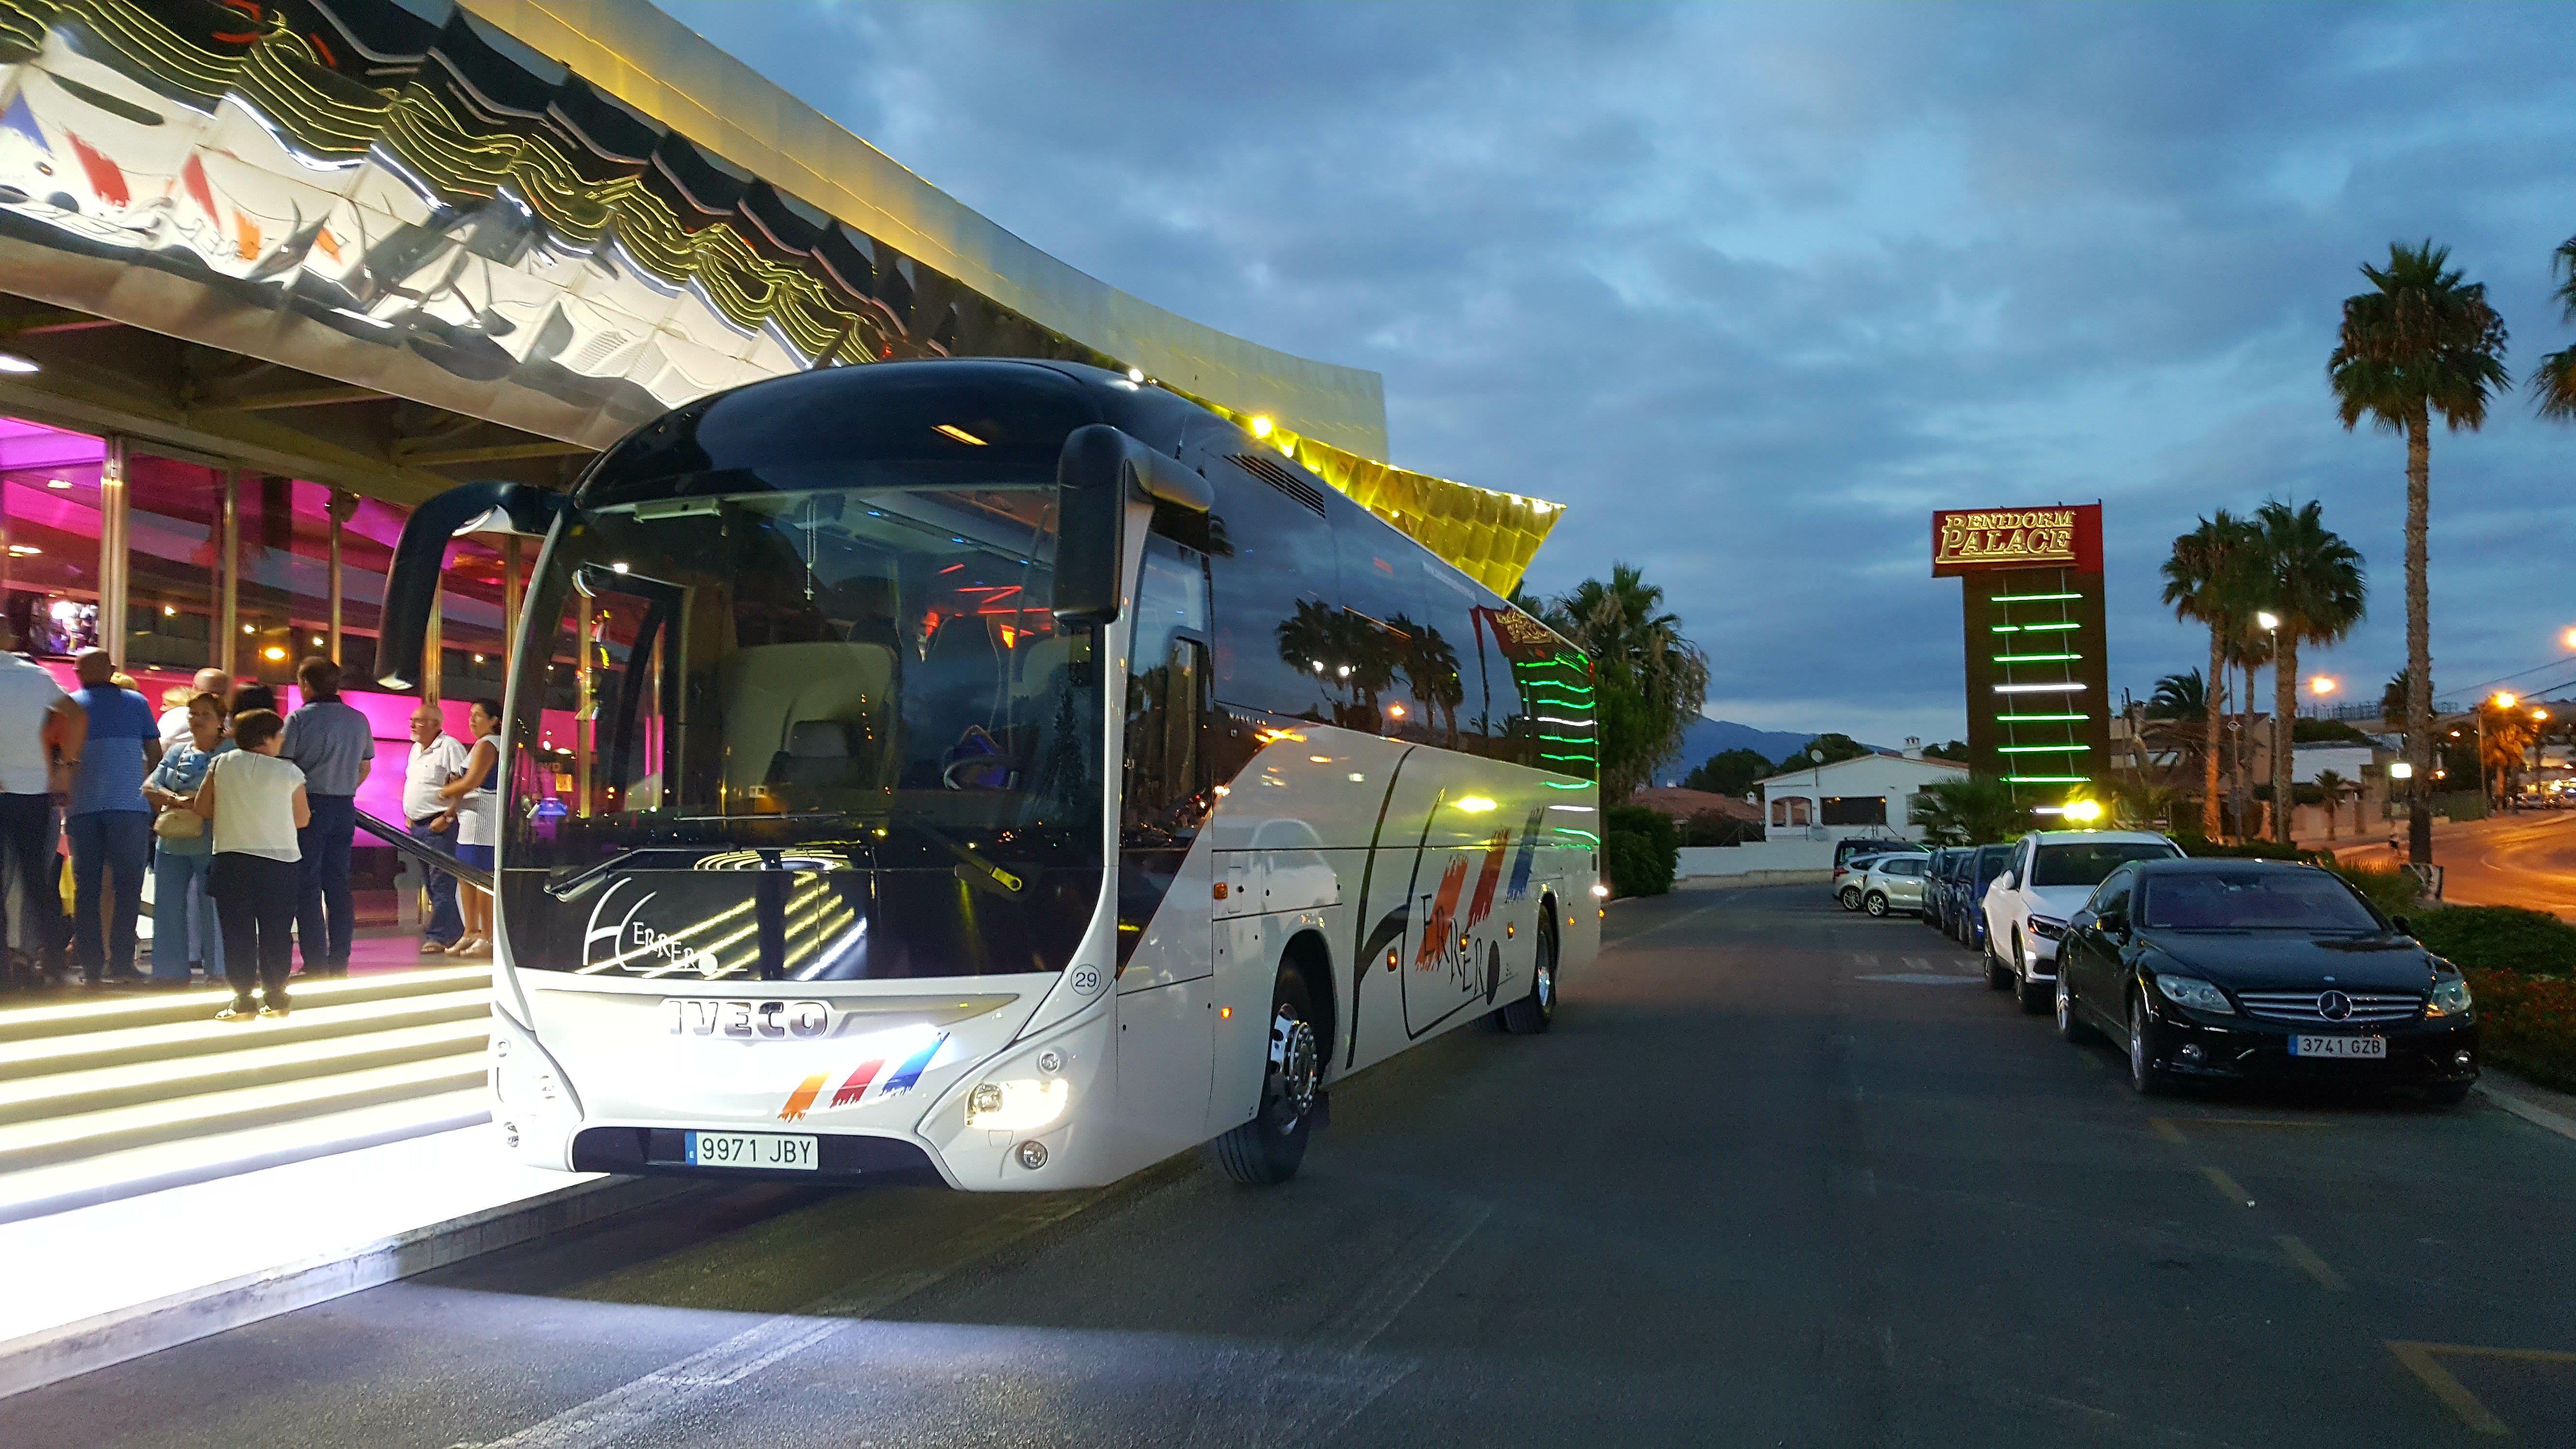 Realizamos rutas con nuestros autocares por toda Europa